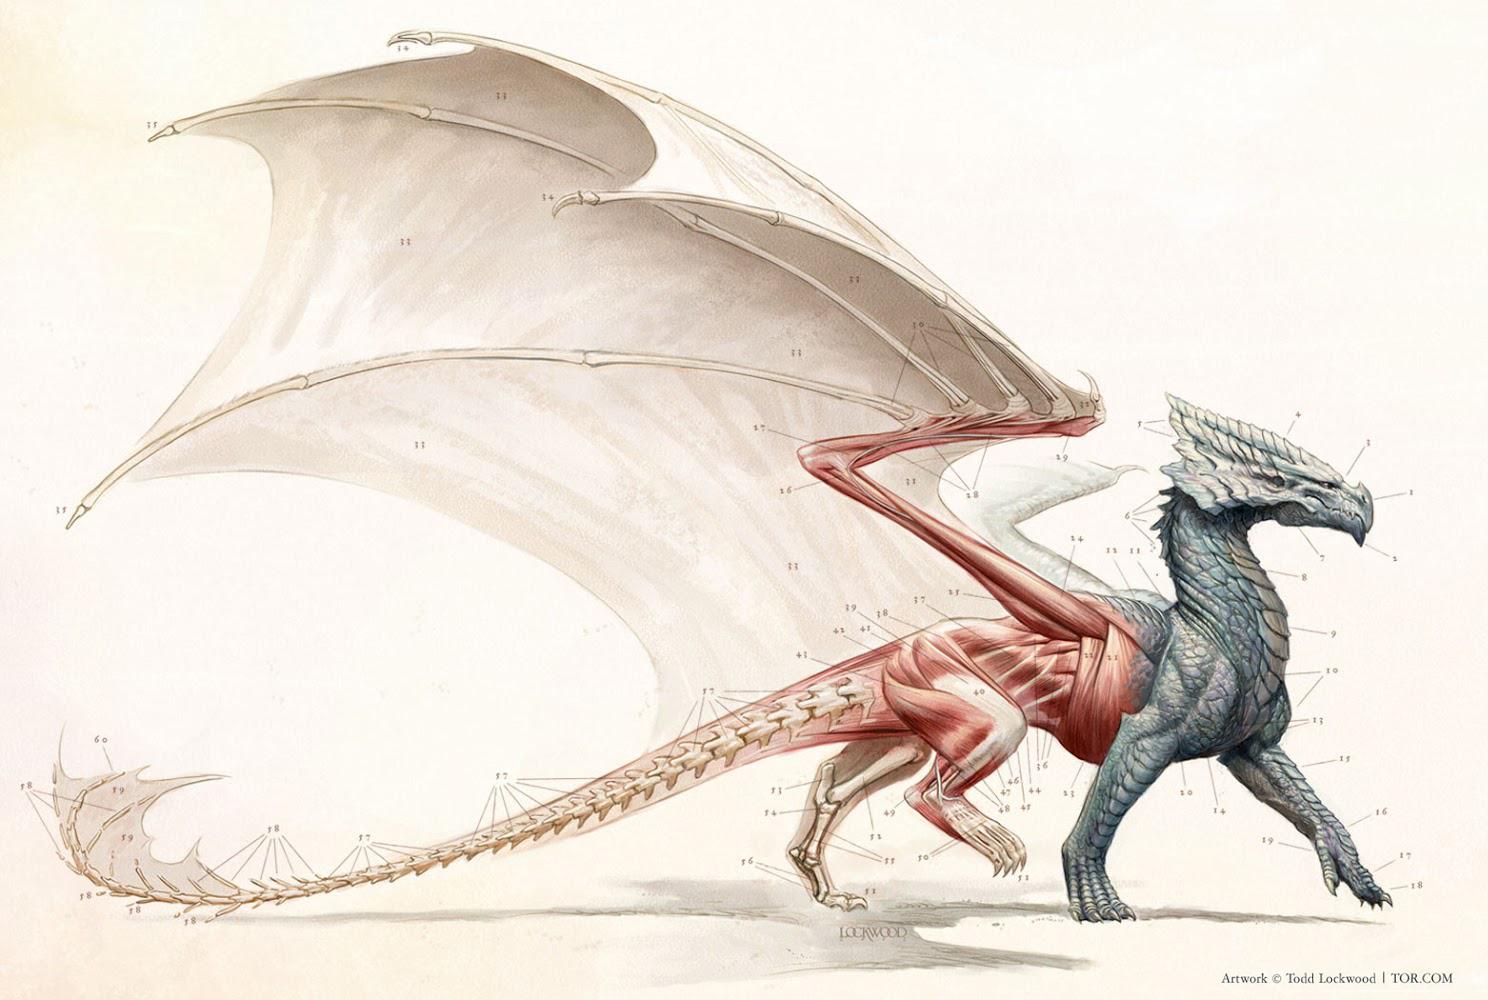 Todd Lockwood, Natural History of Dragons